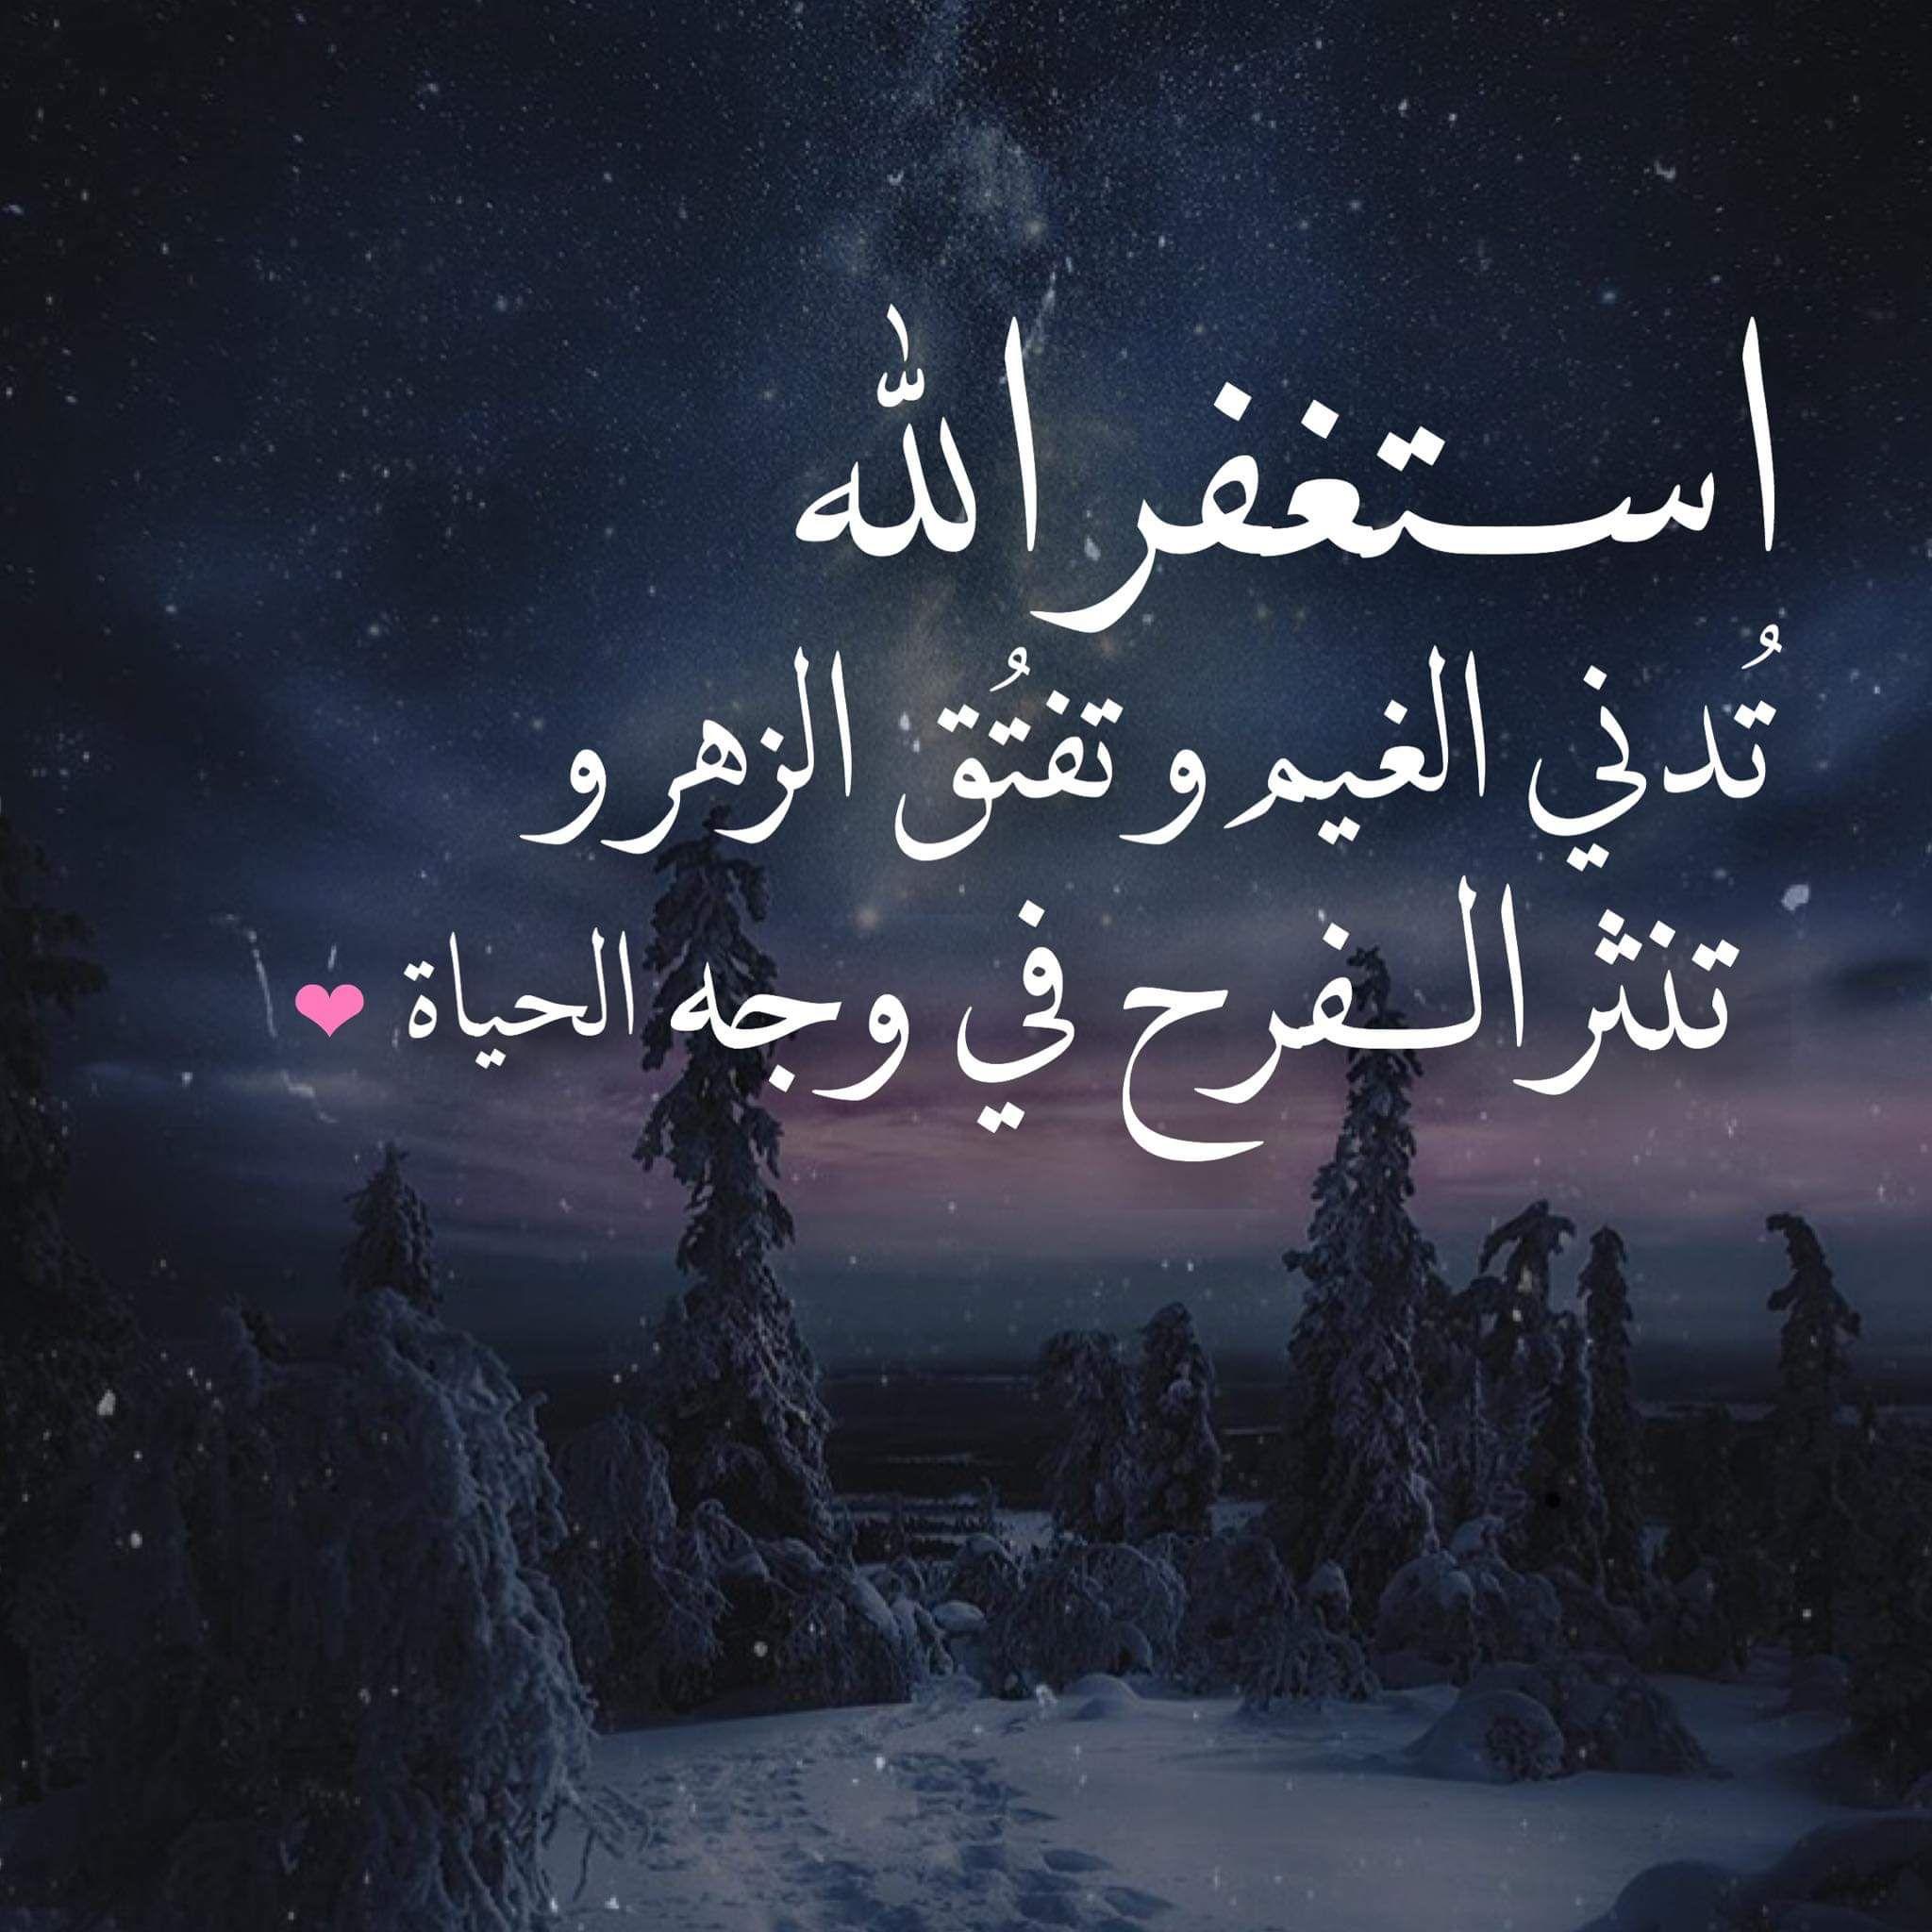 Pin By صورة و كلمة On مواعظ خواطر إسلامية Islam Photo Arabic Calligraphy